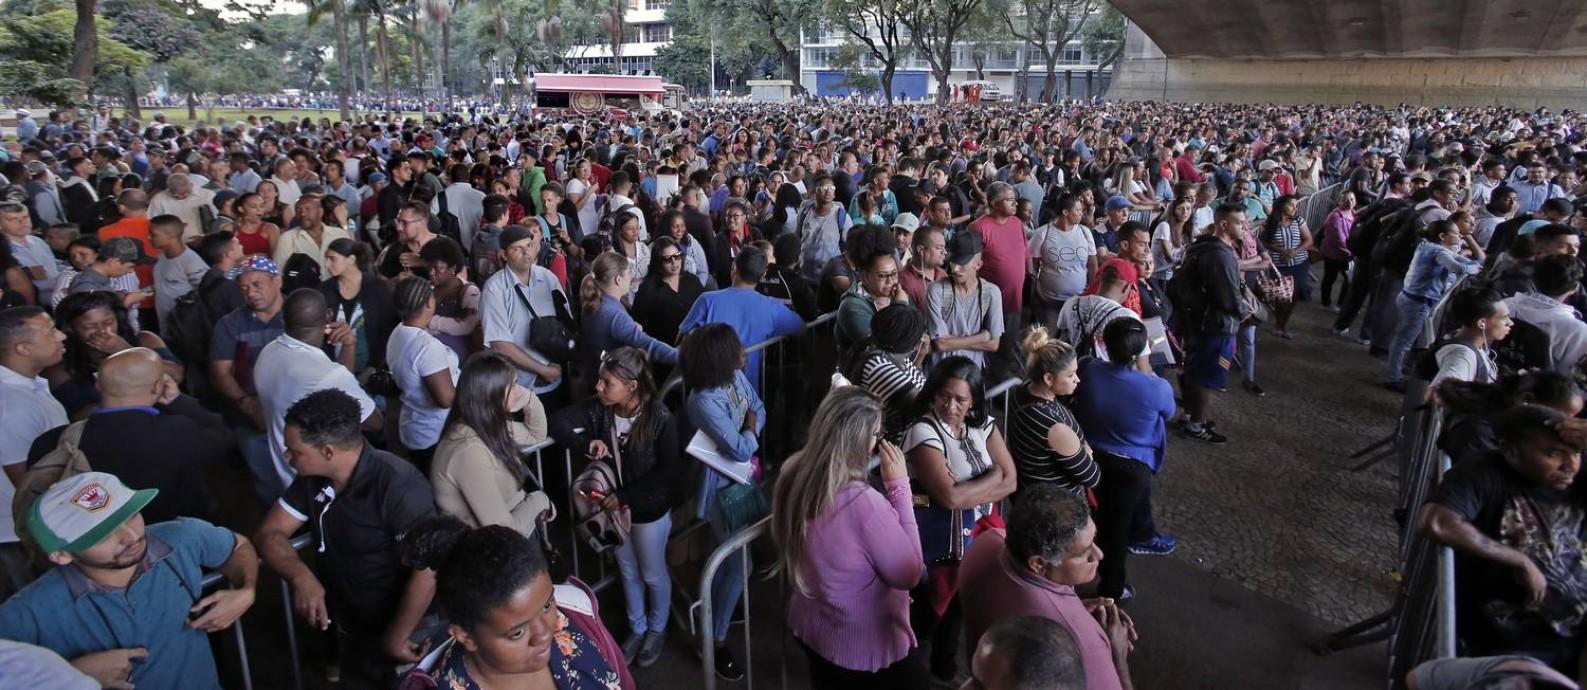 Milhares se aglomeraram no labirinto de alambrados formado para organizar o mutirão do emprego em São Paulo Foto: Edilson Dantas / Agência O Globo